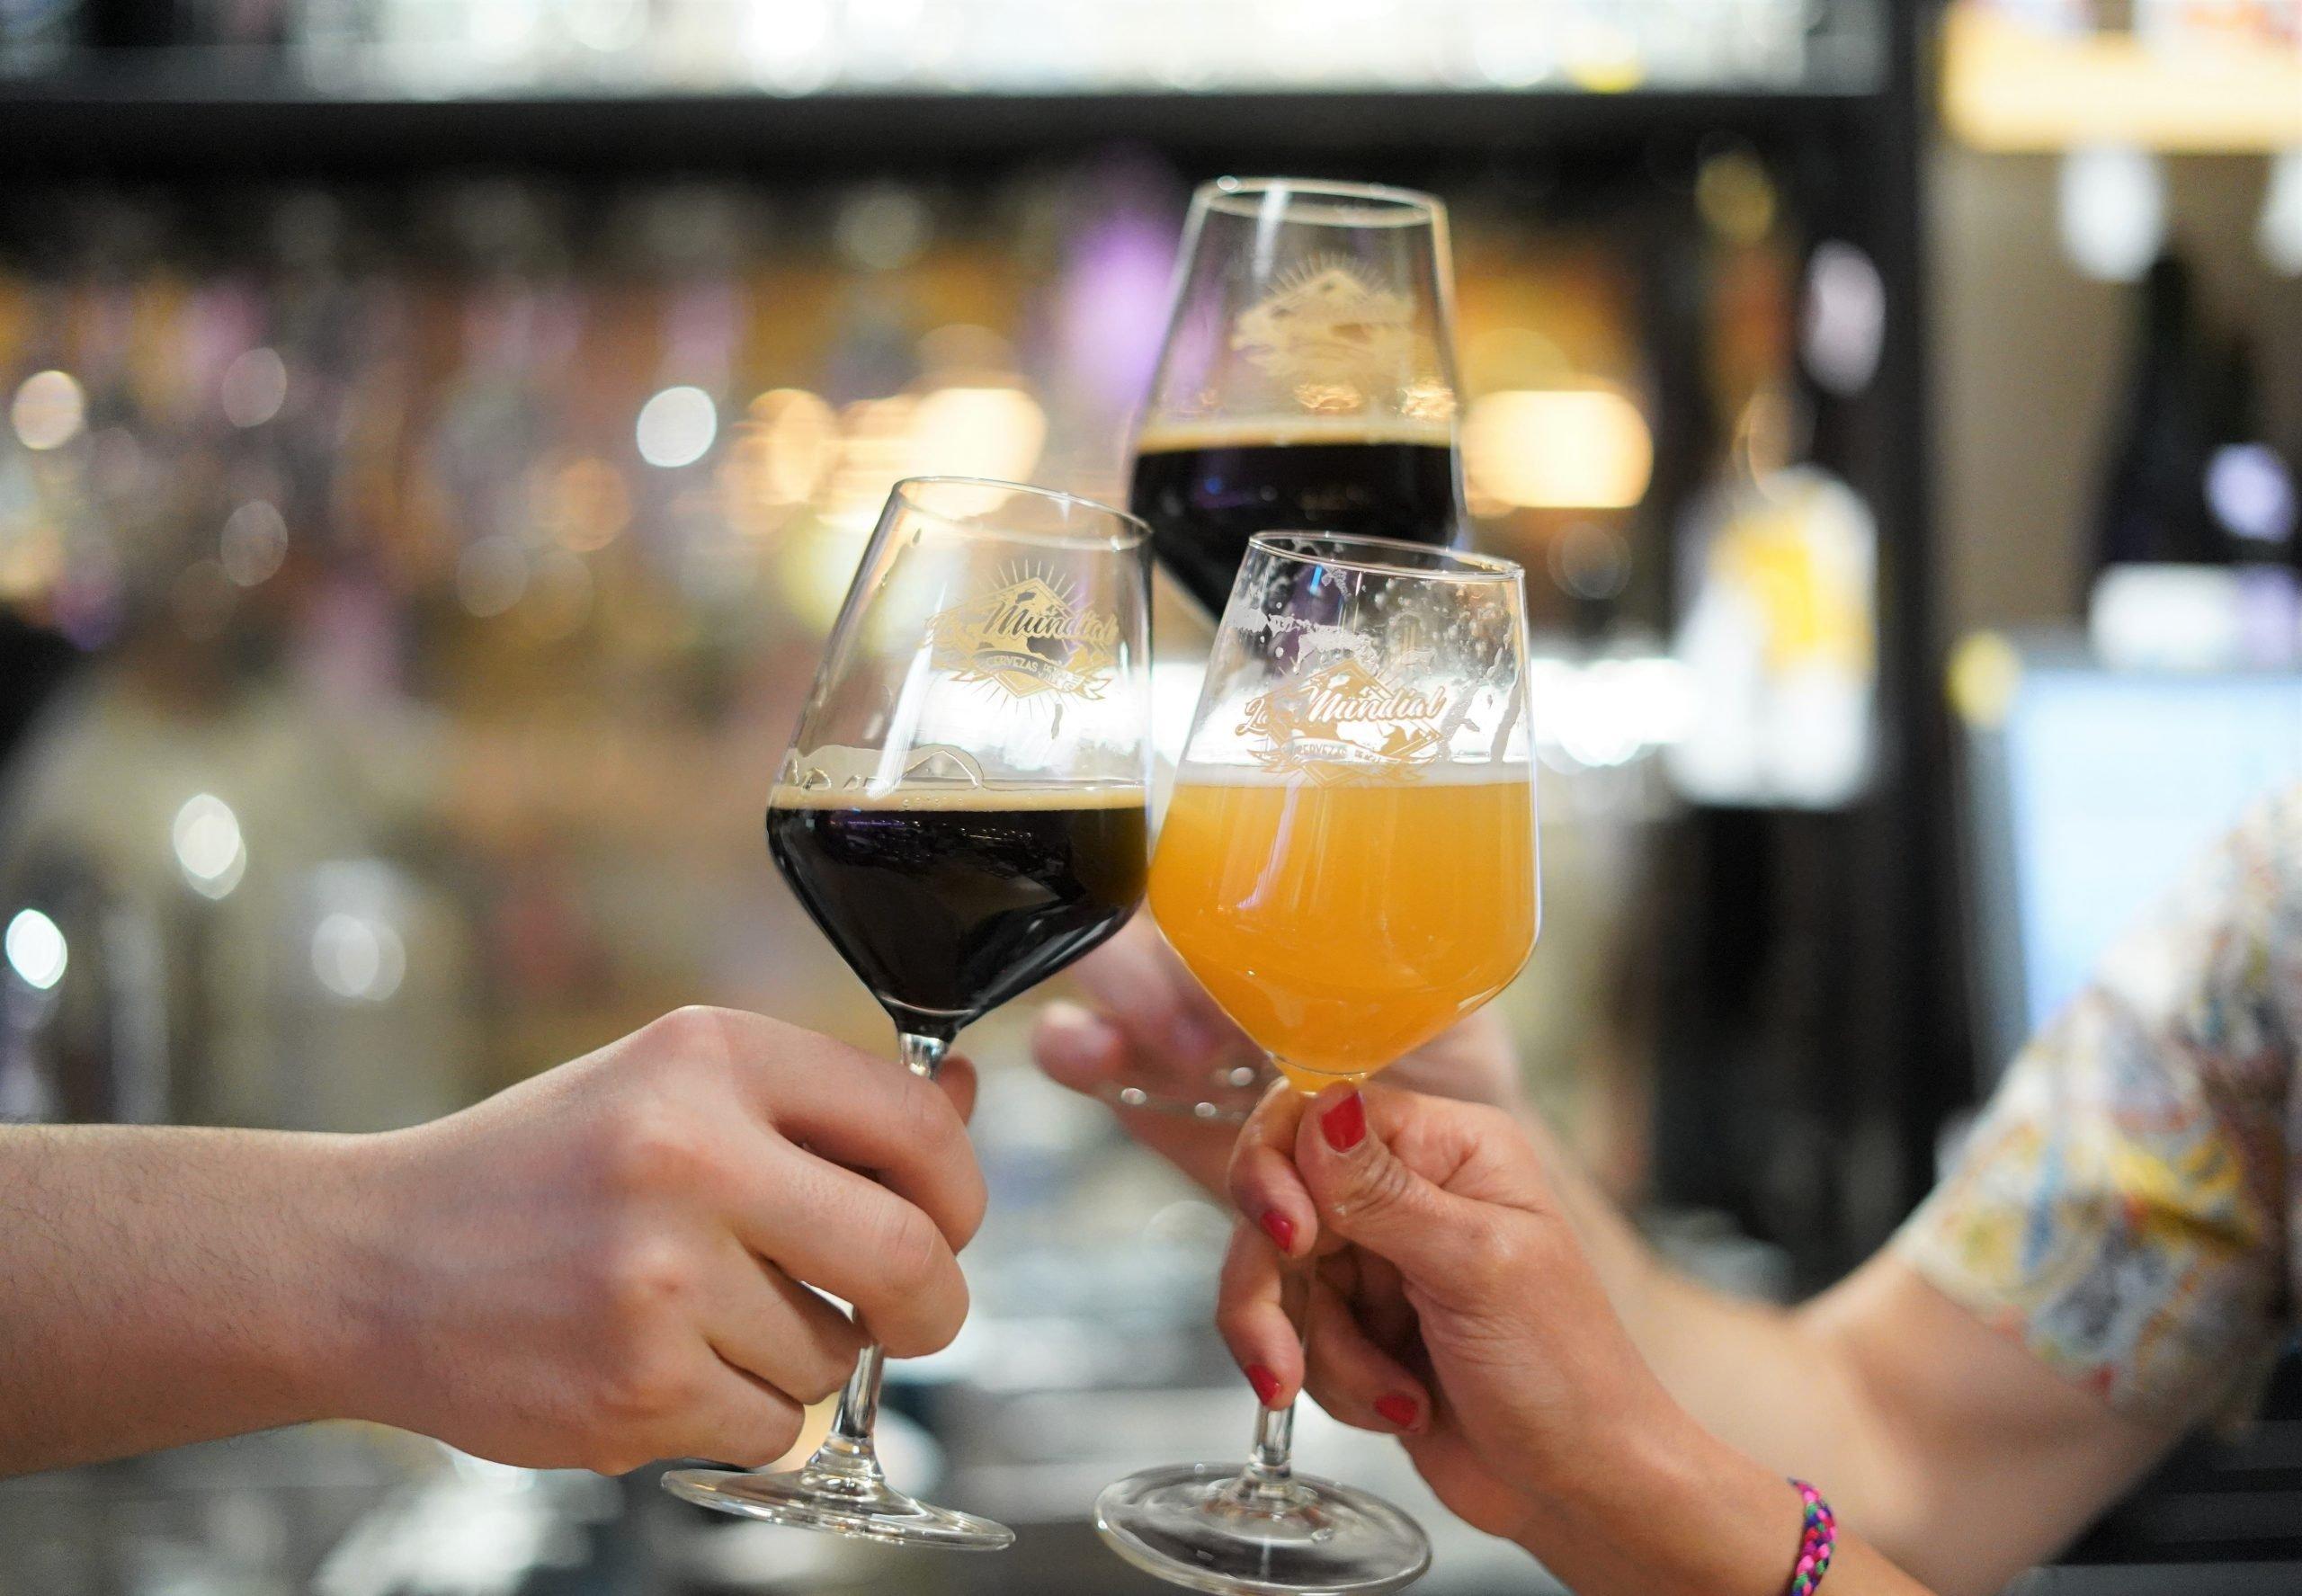 club de cerveza artesana